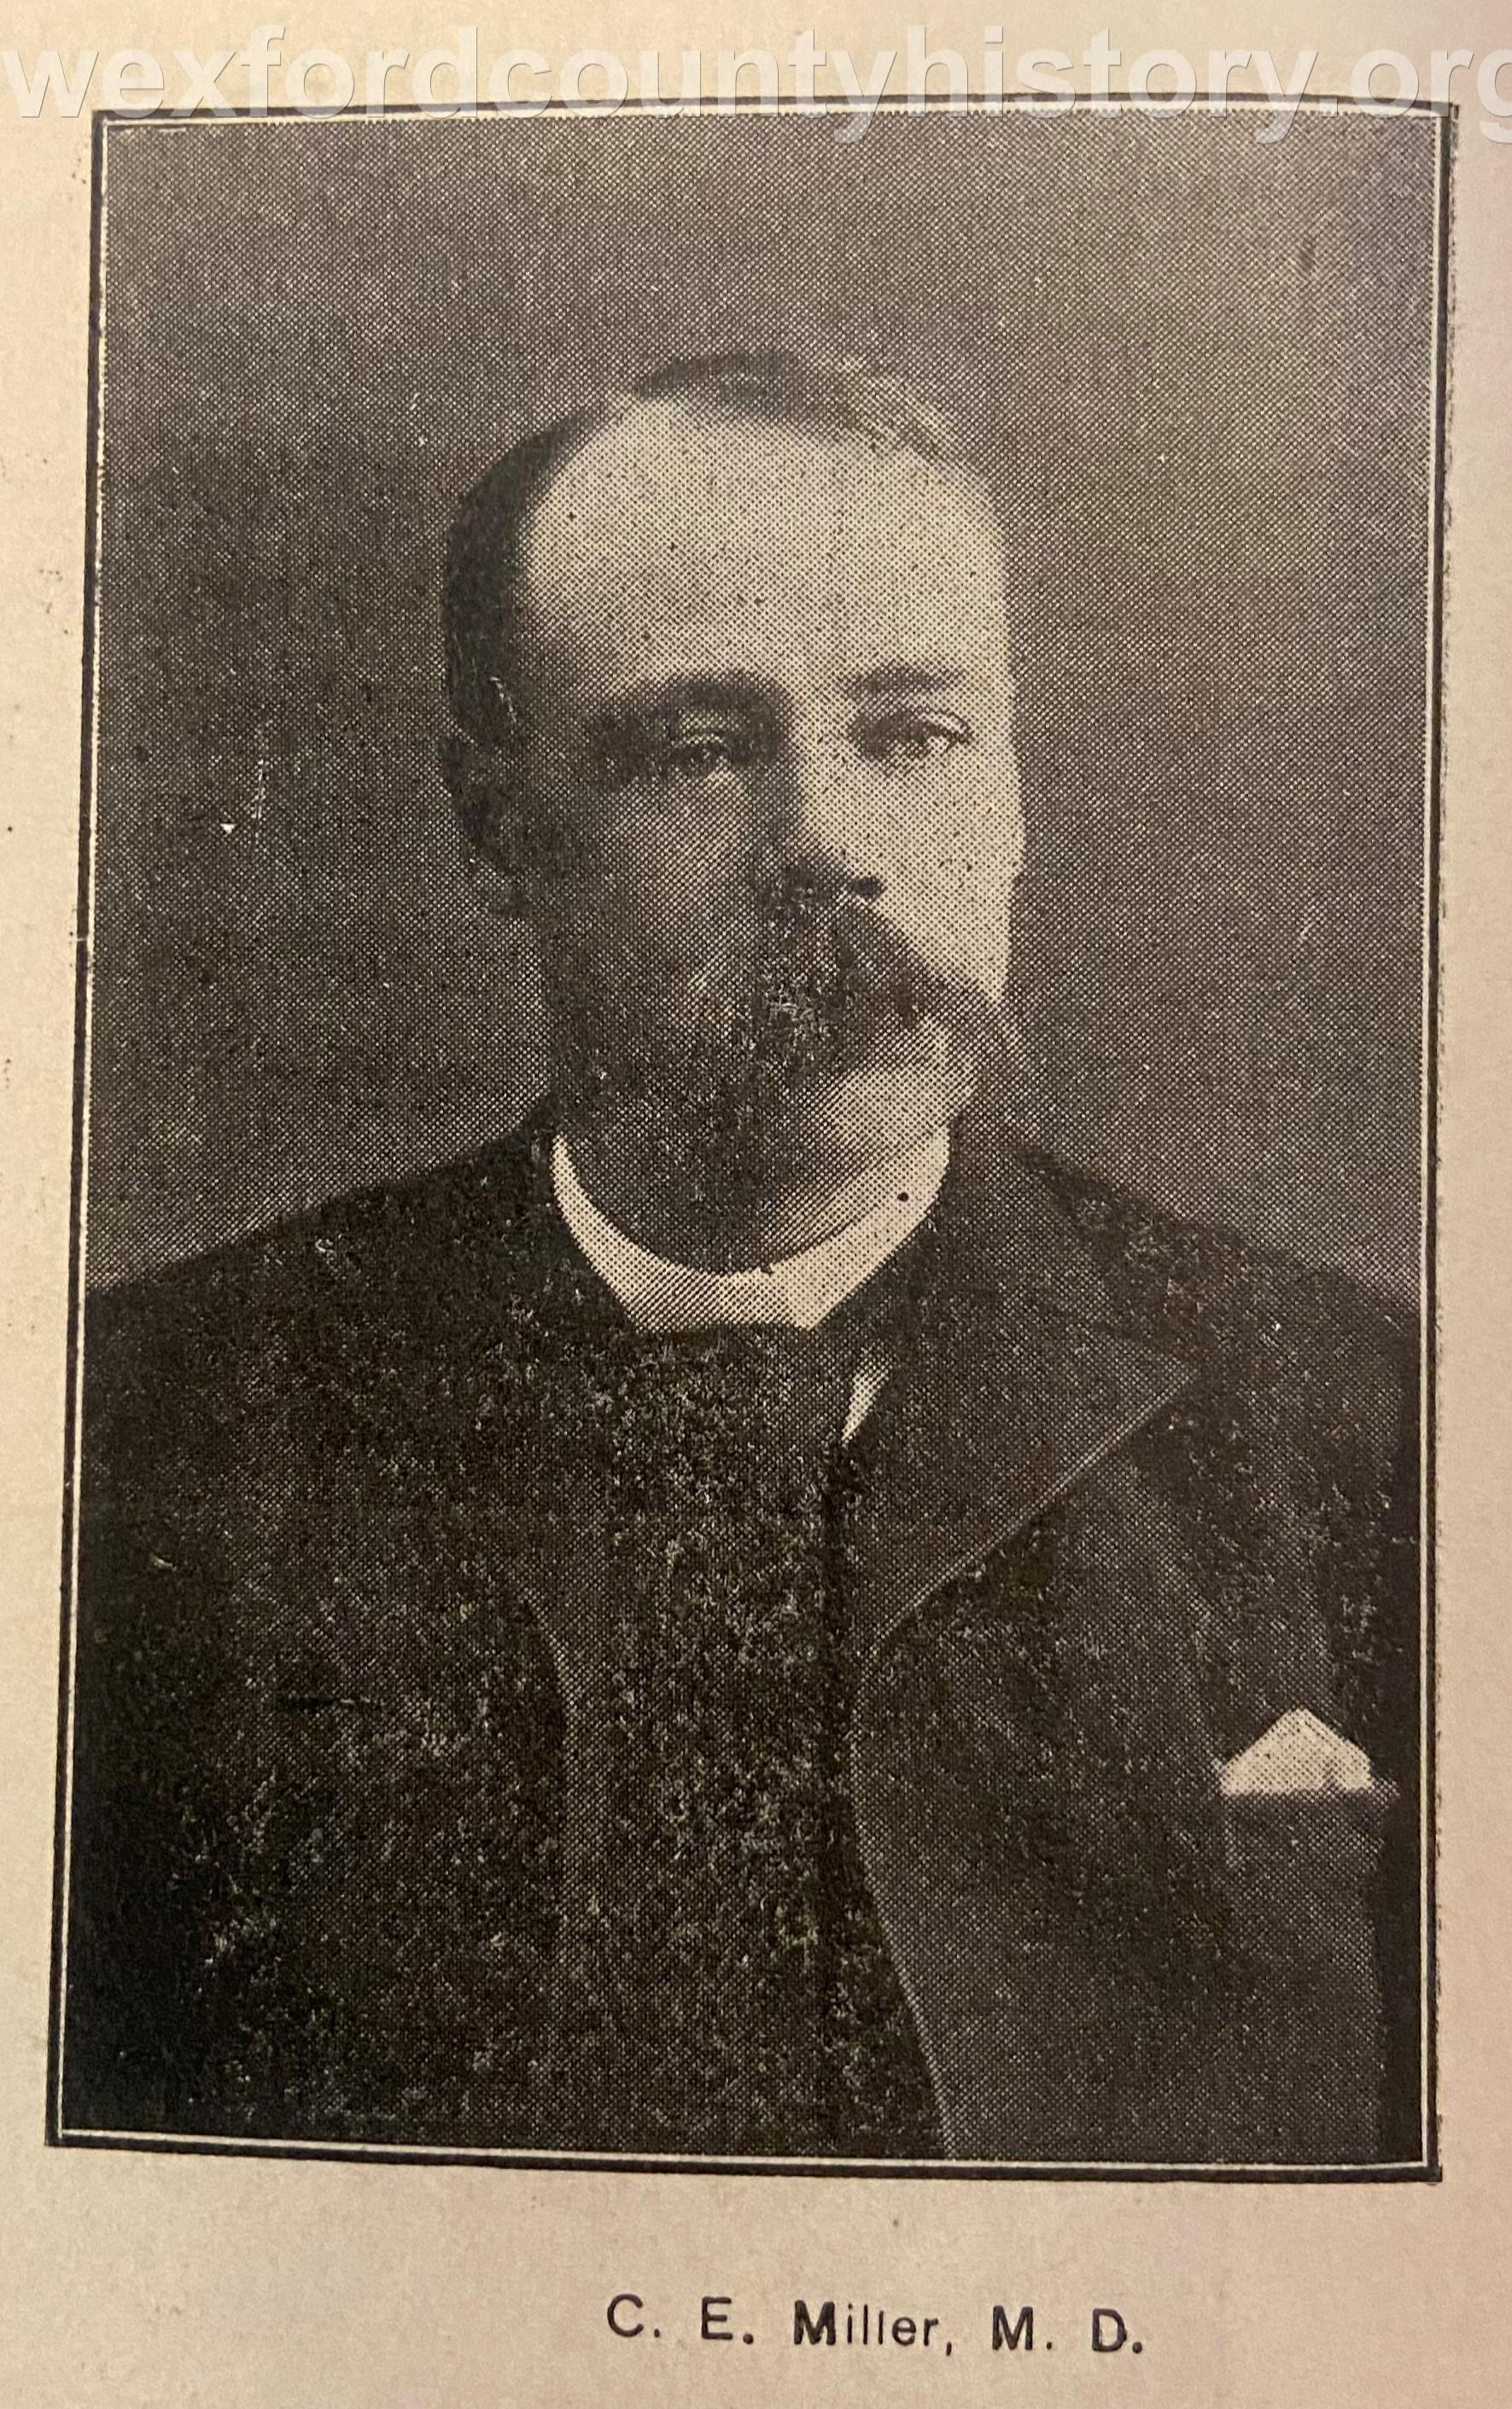 Dr. Carroll E. Miller